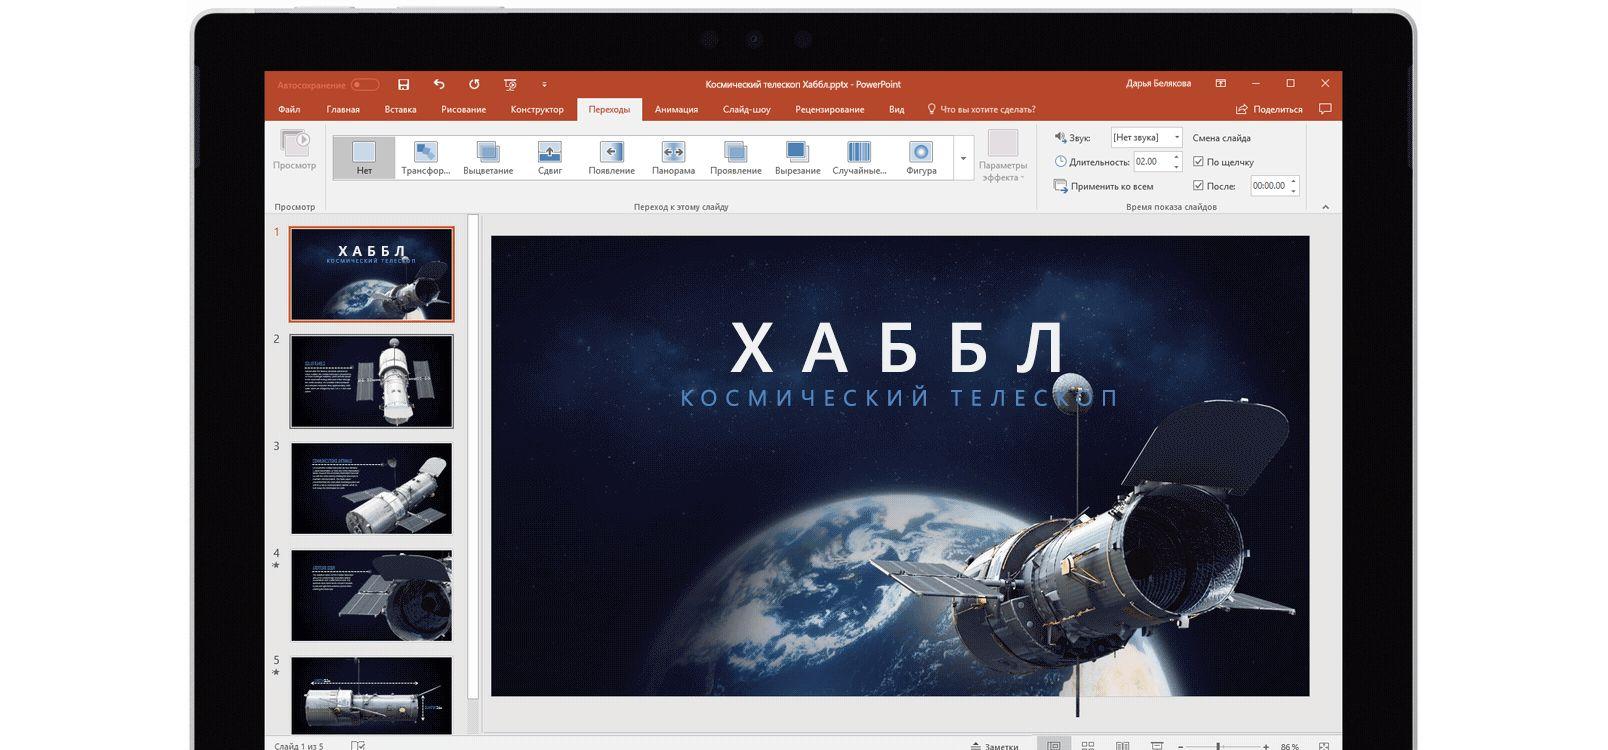 Экран планшета, на котором эффект трансформации используется в презентации PowerPoint о космических телескопах